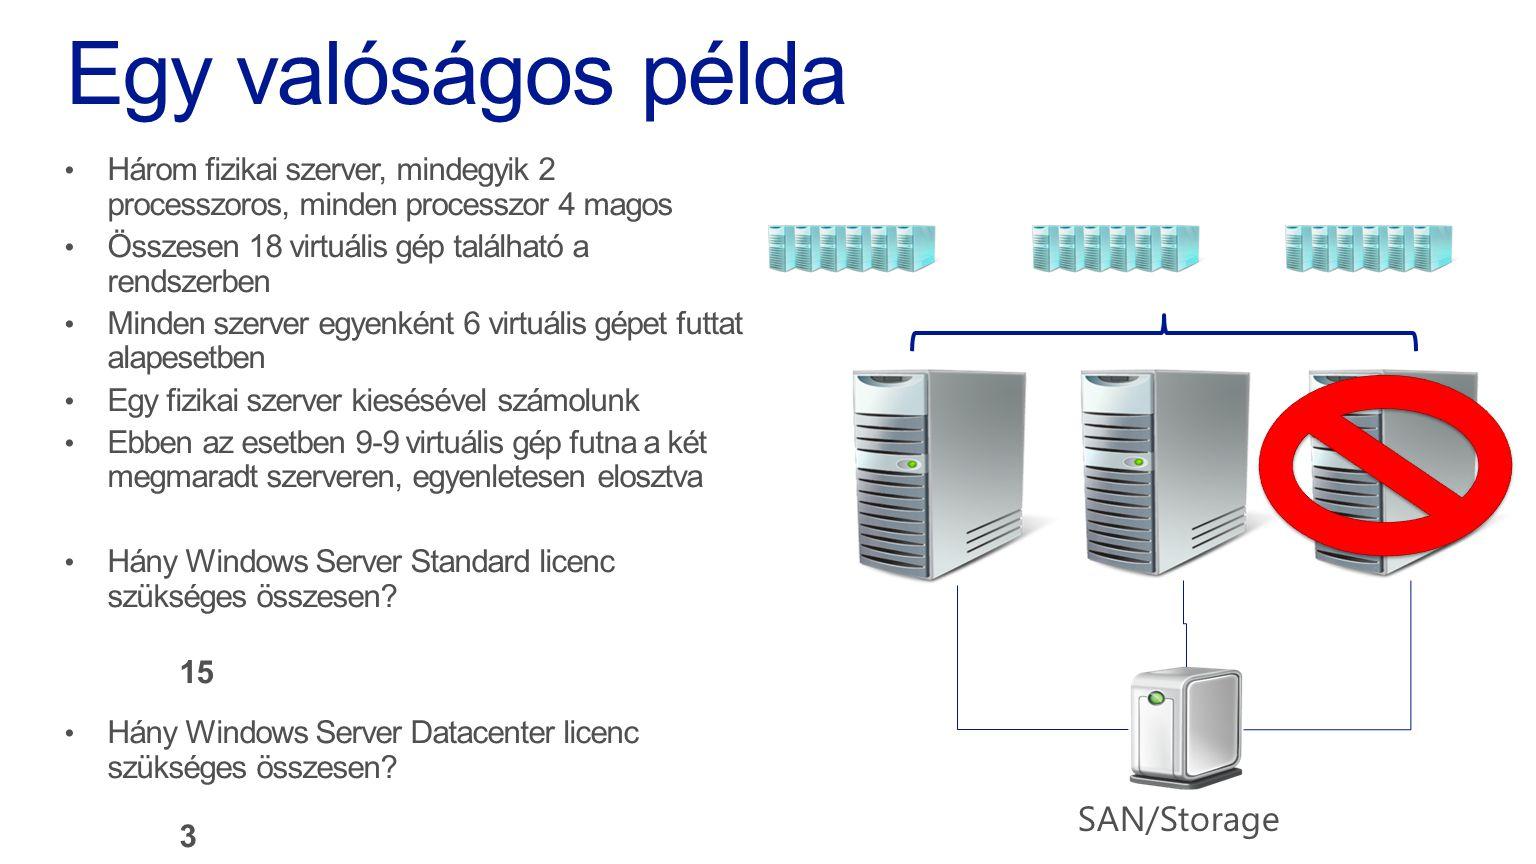 Egy valóságos példa SAN/Storage